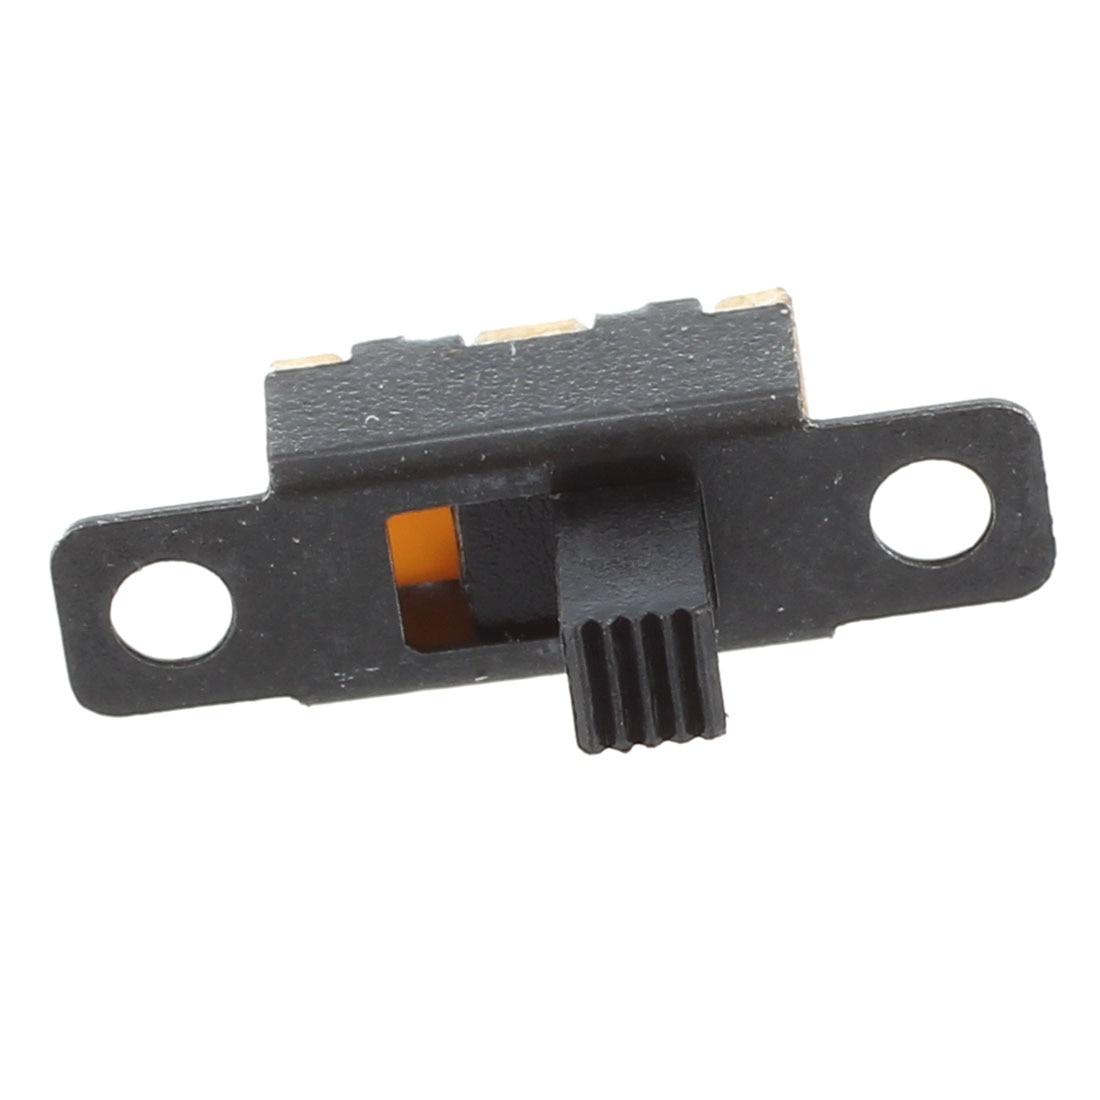 20-pcs-5-v-03-um-tamanho-mini-preto-spdt-slide-switch-para-pequenas-diy-projetos-de-eletronica-de-potencia